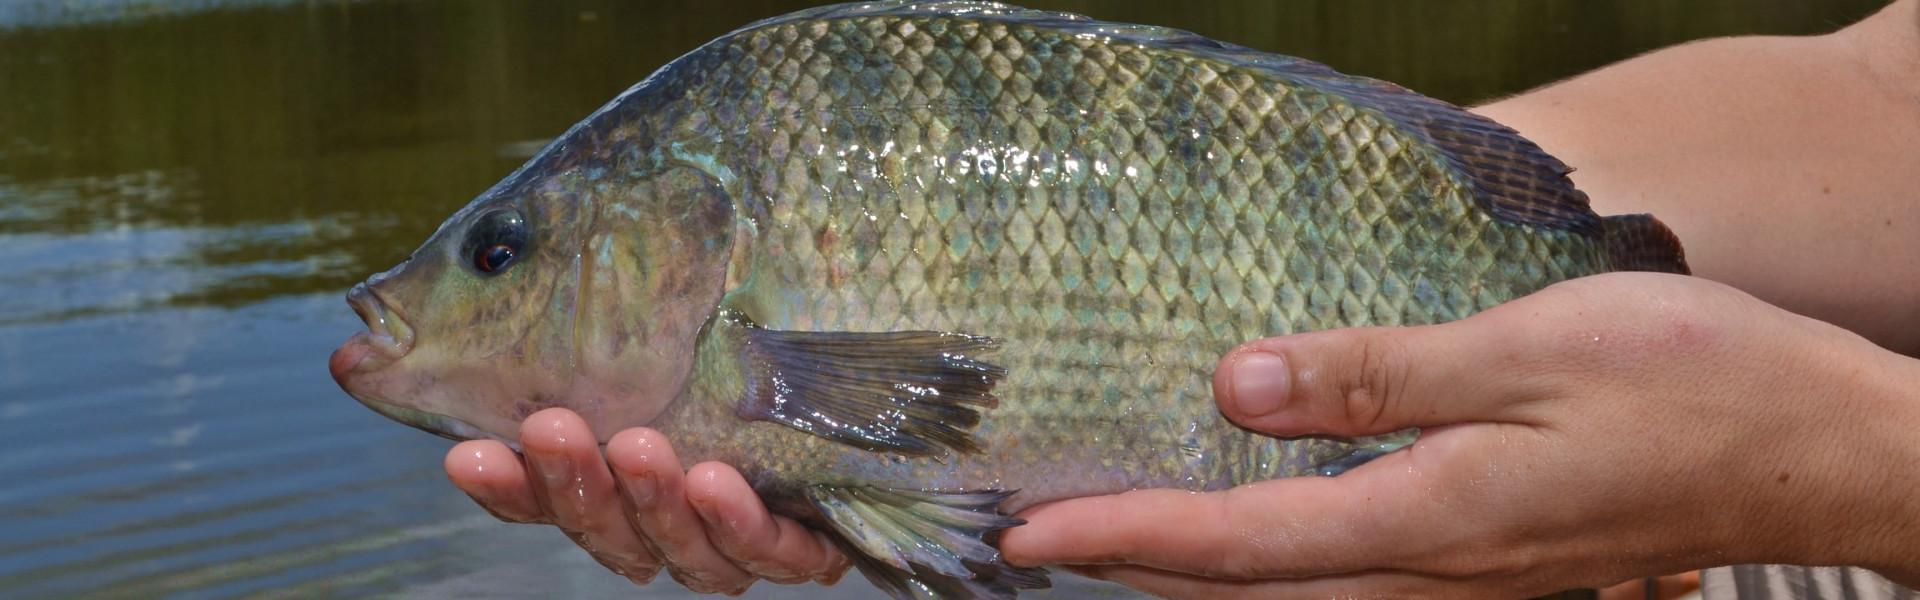 Foto: Instituto de Pesca - SP